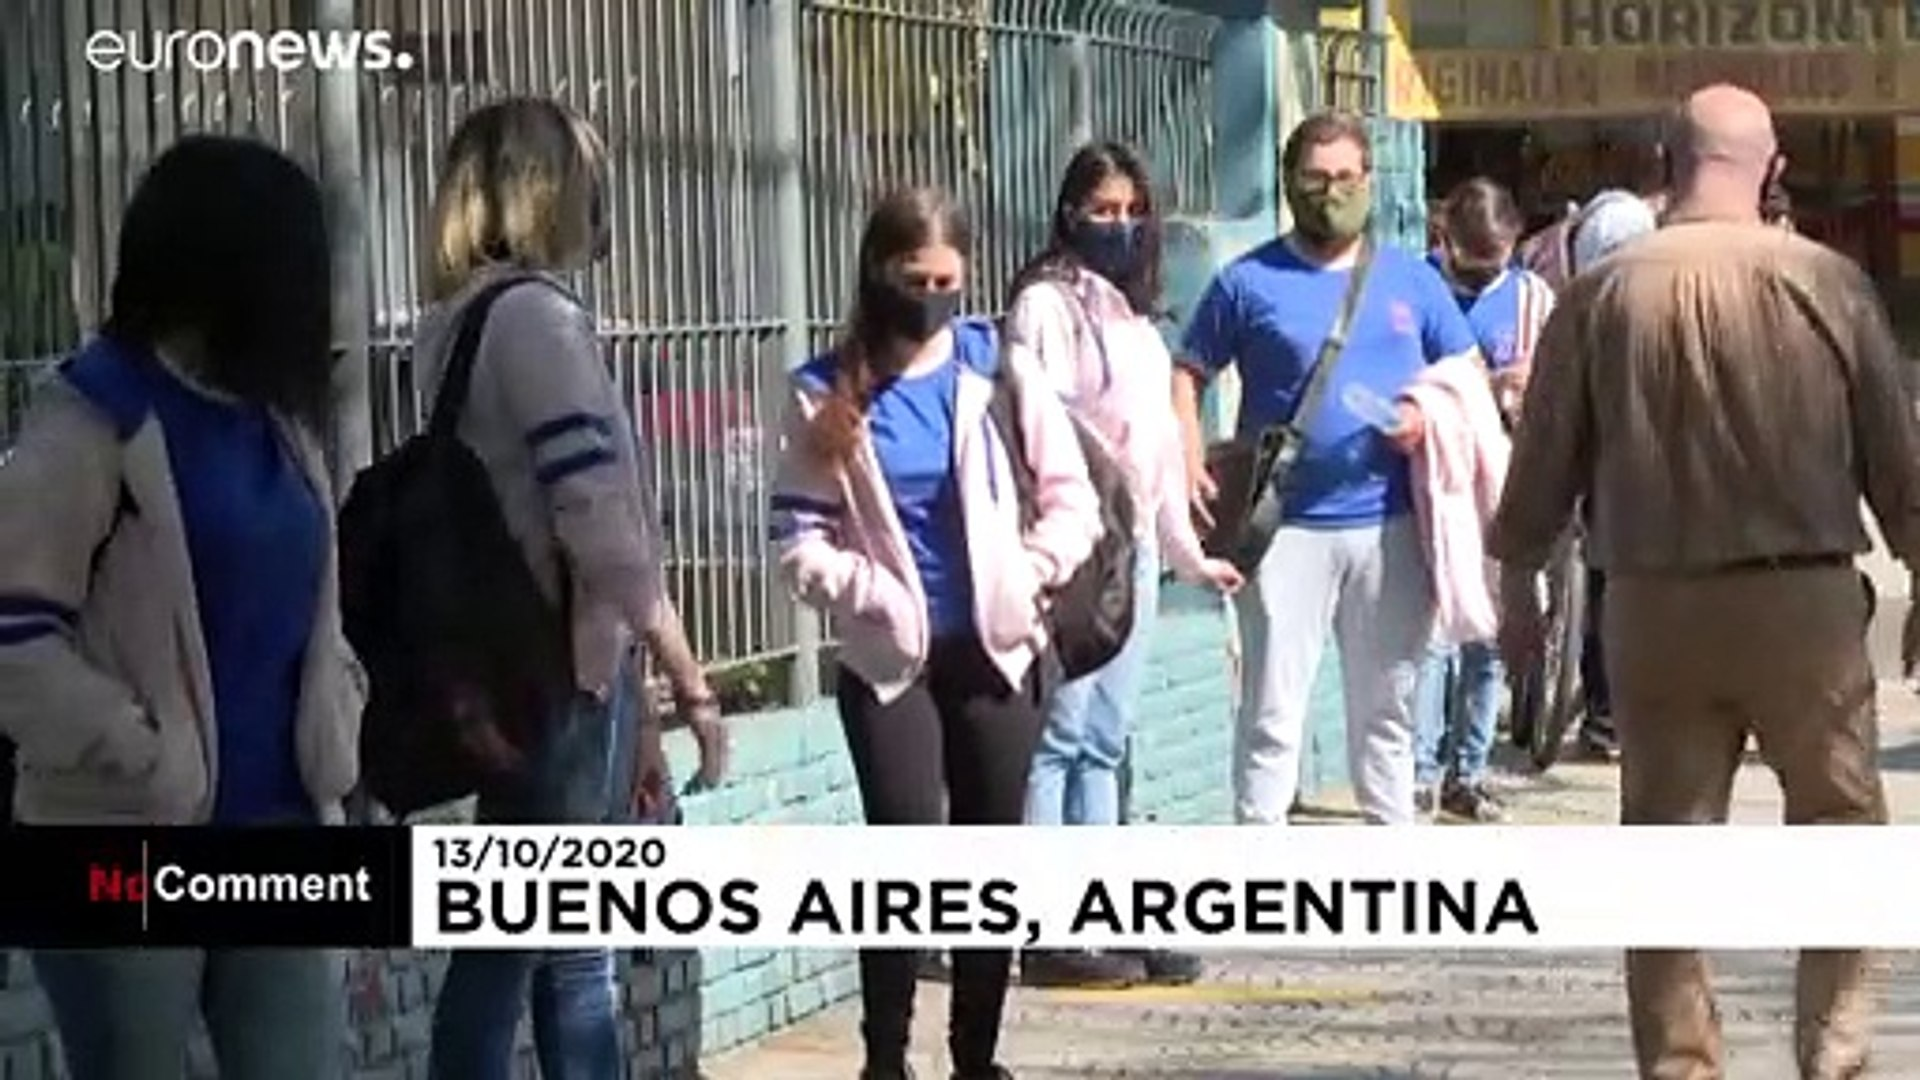 شاهد: الطلبة في الأرجنتين يعودون إلى الدراسة في الباحات مع تخفيف قيود الحجر الصحي